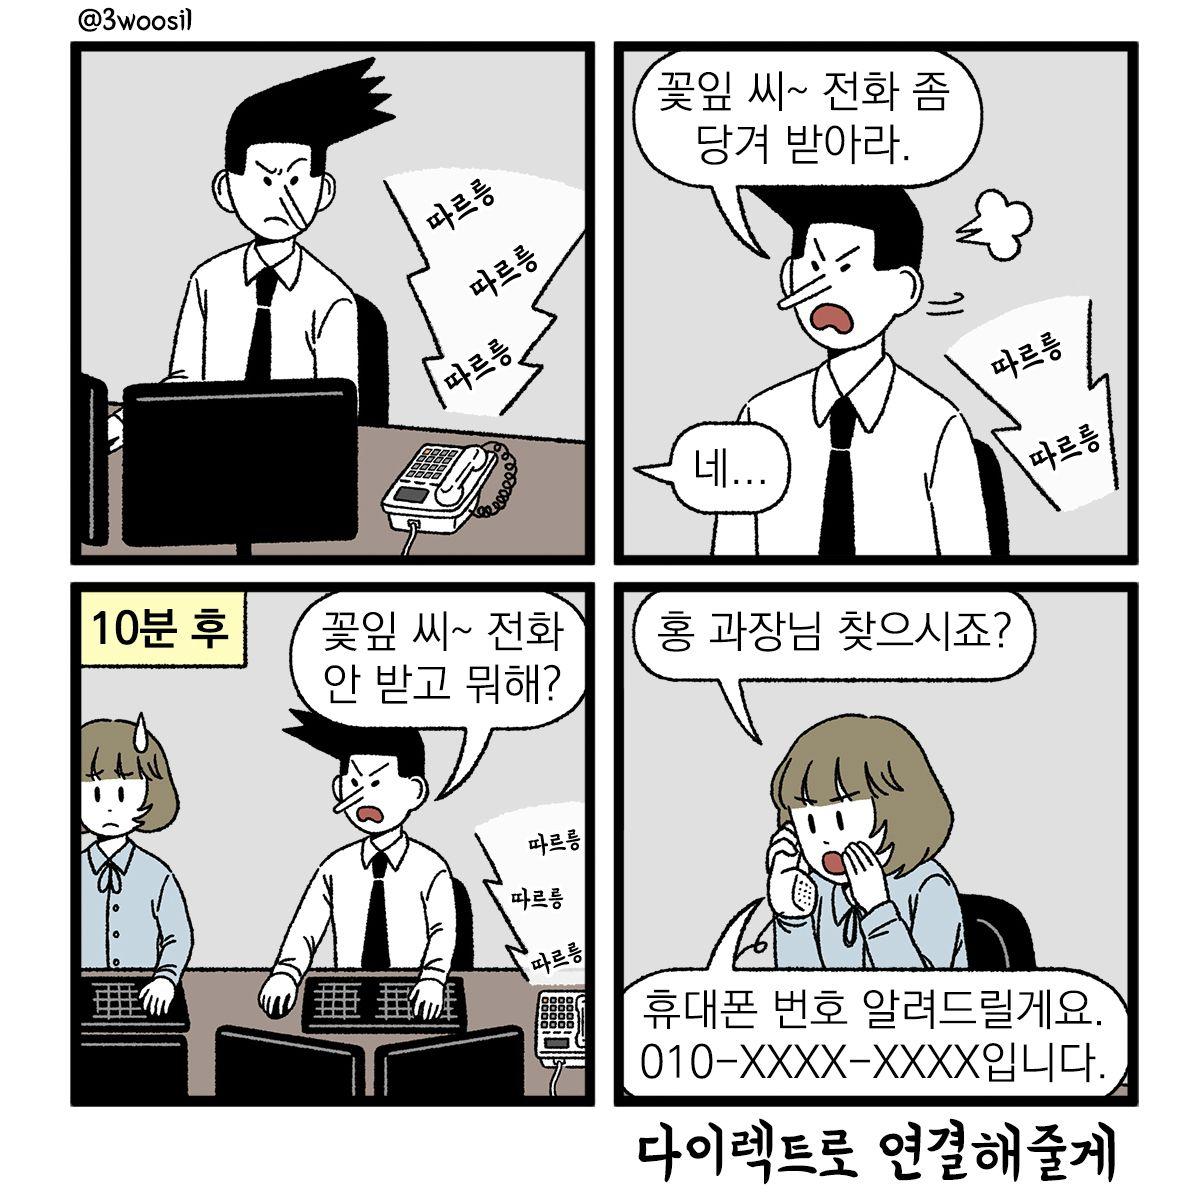 [직장만화] 삼우실 한컷: 전화벨